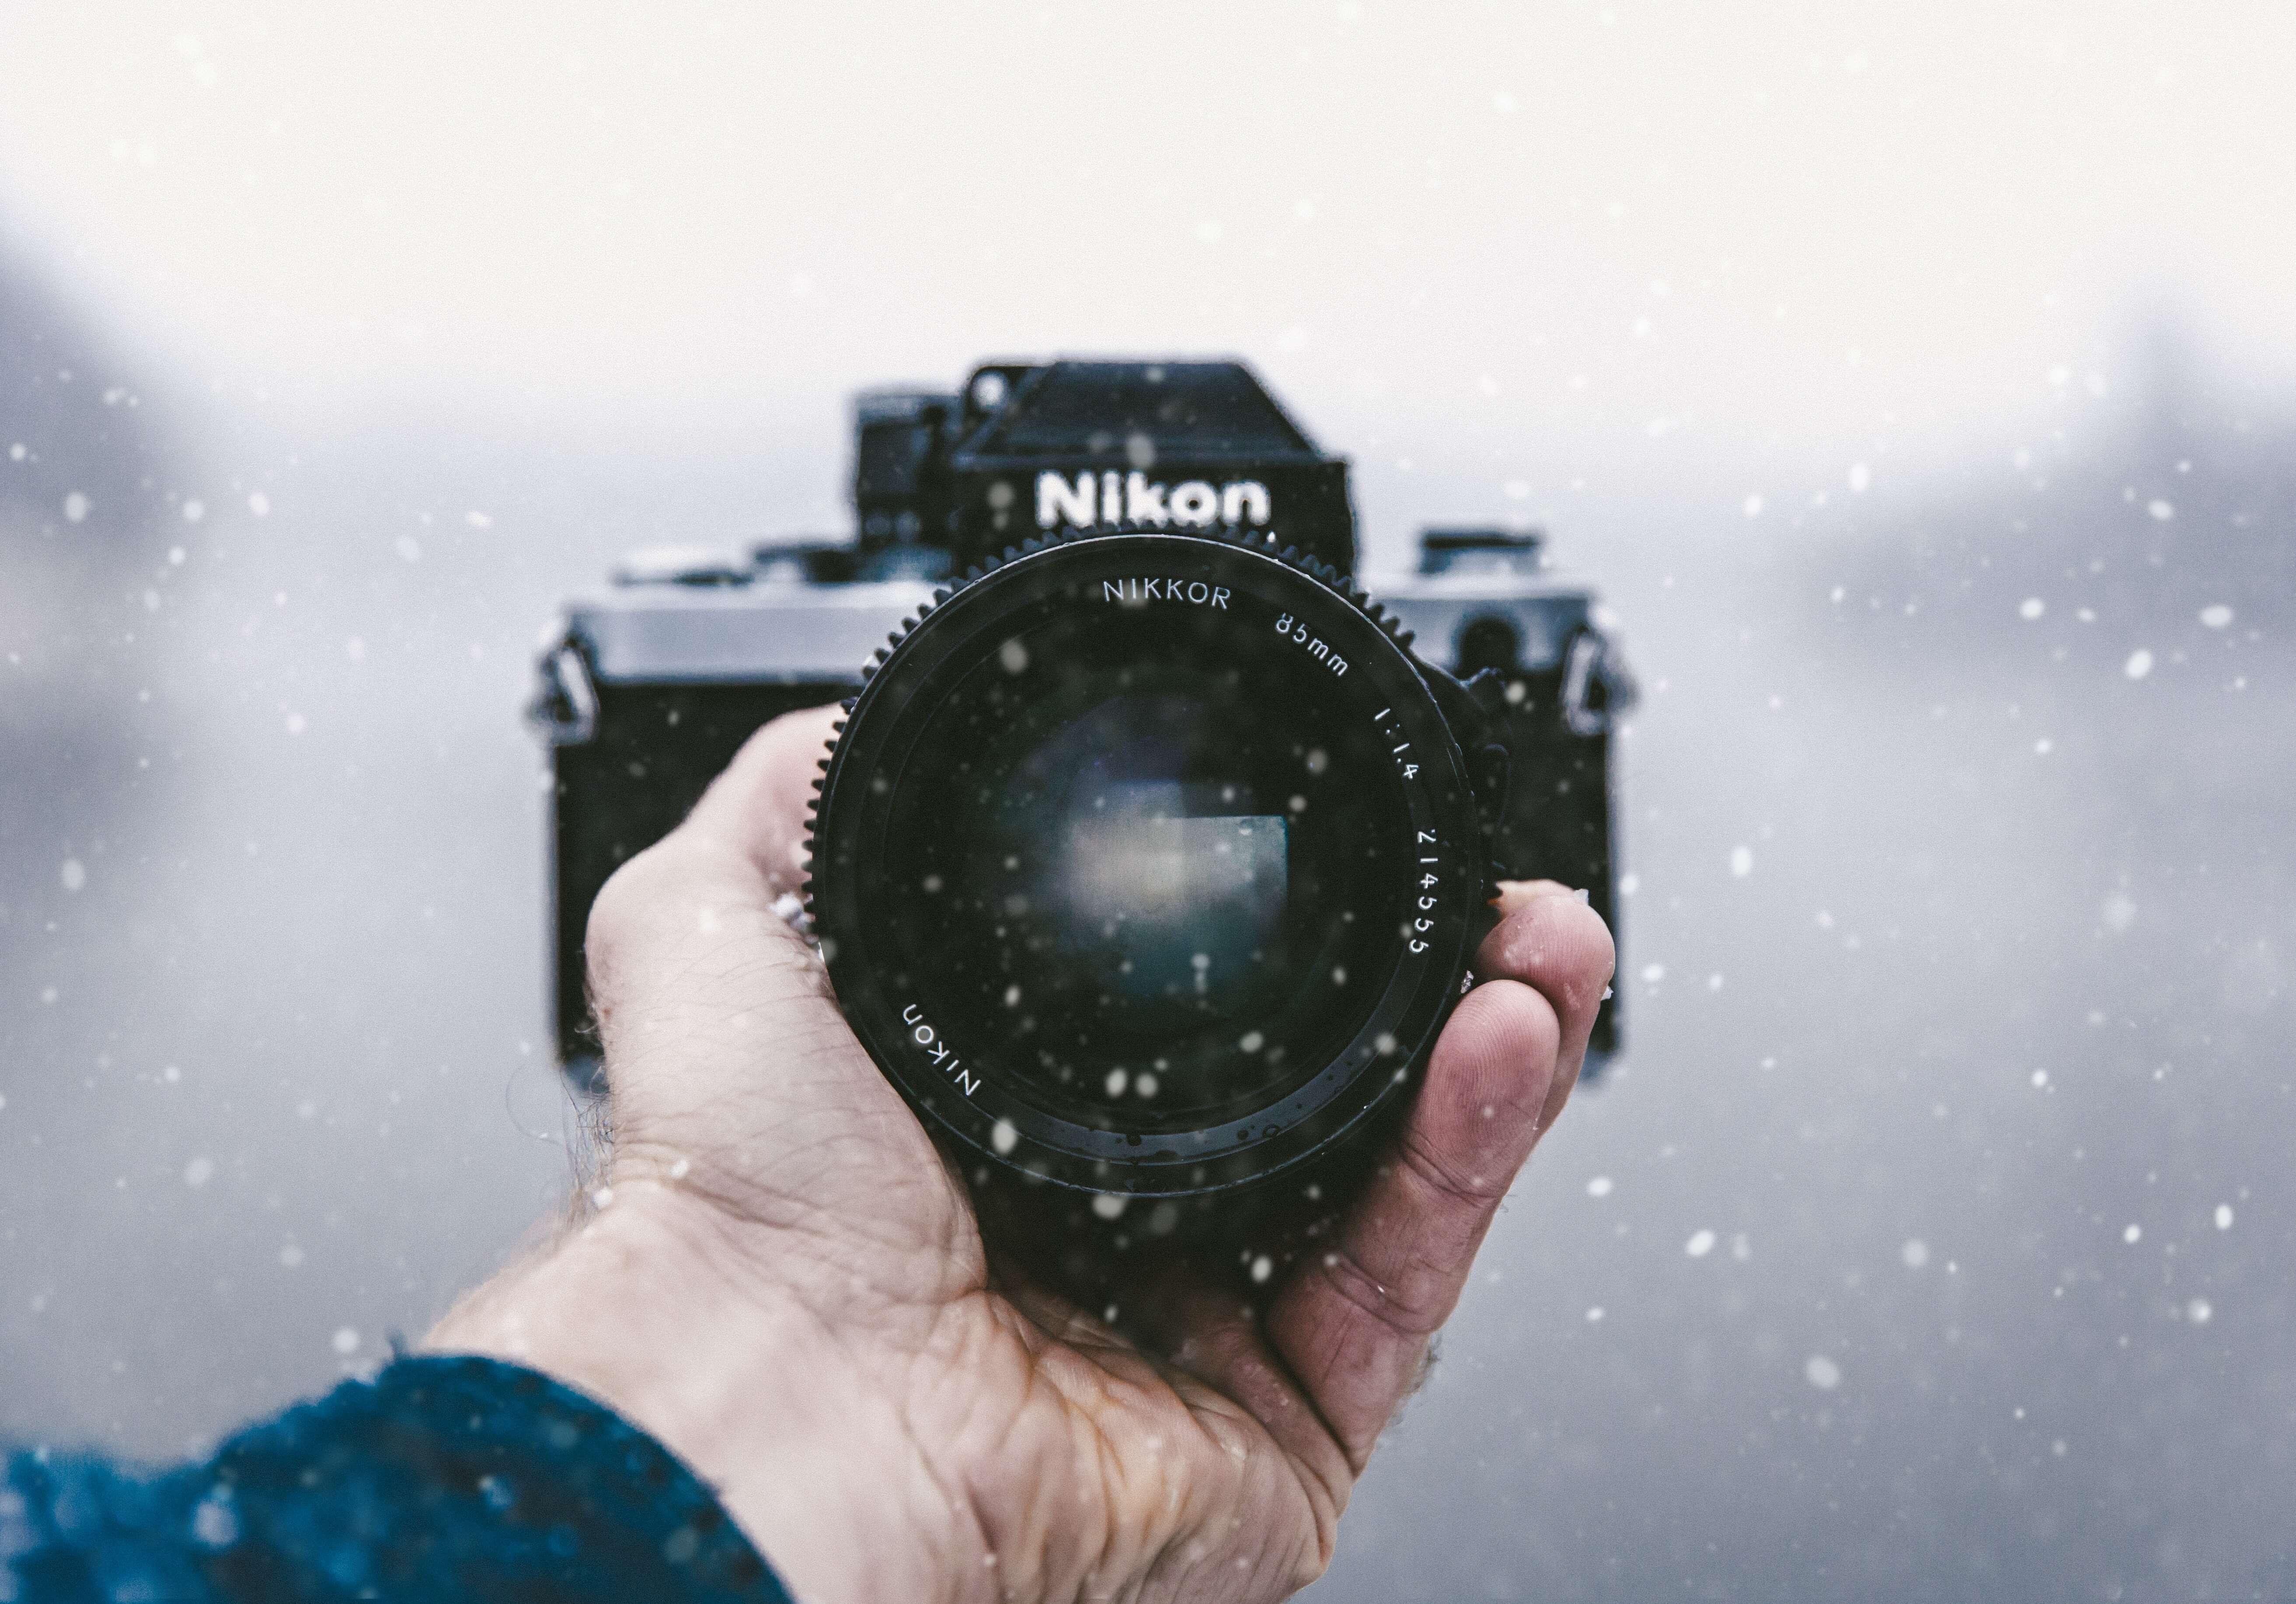 【動画性能】ニコン(Nikon)の一眼レフカメラは動画撮影にも向いてる?